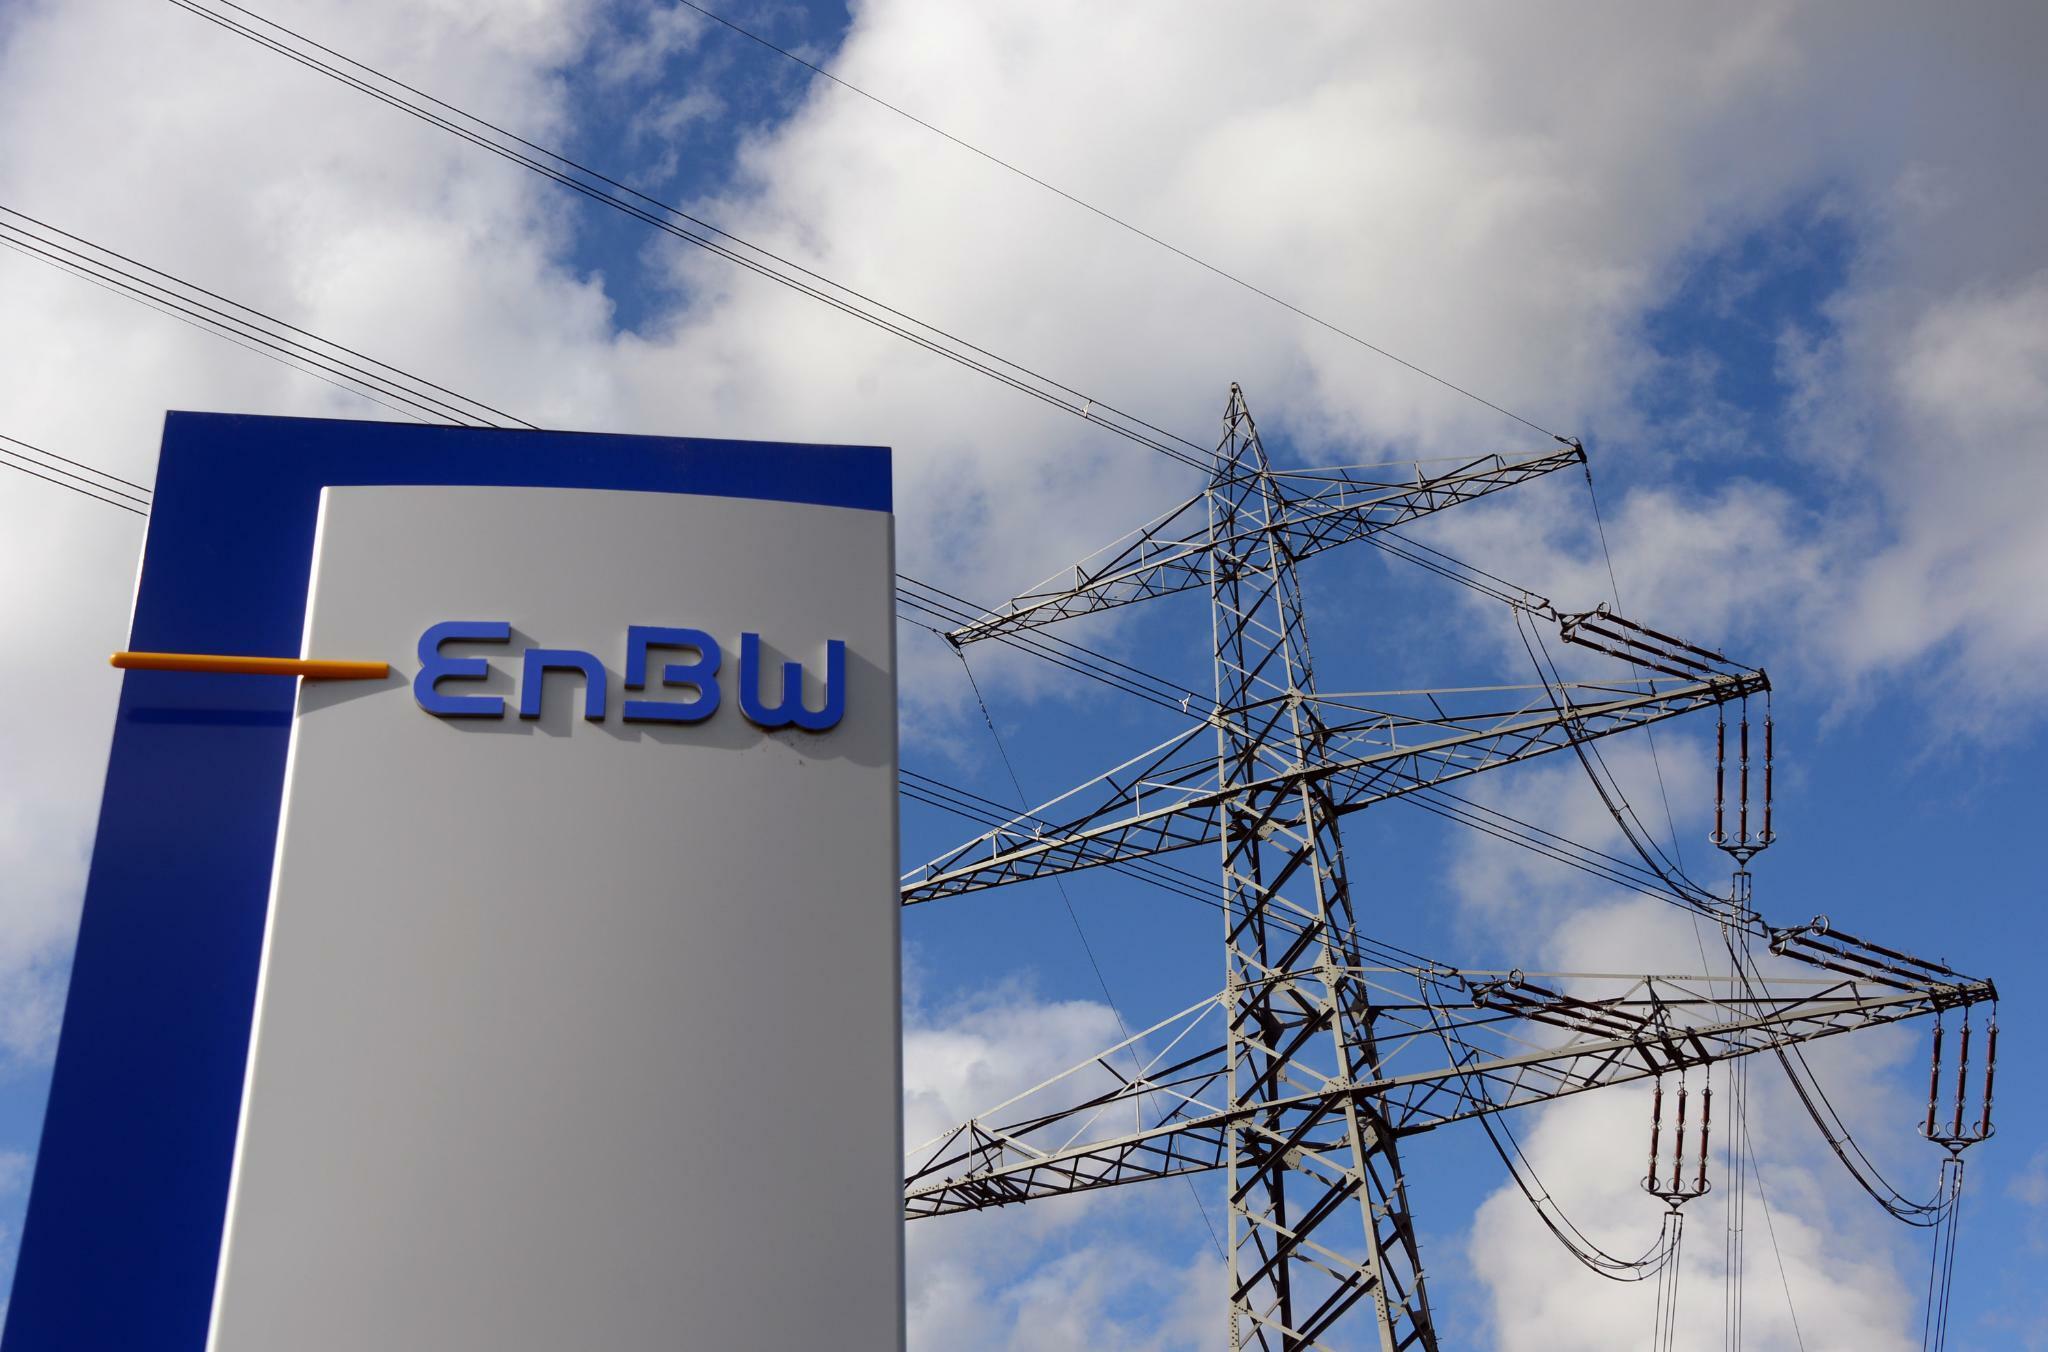 Energiekonzern: EnBW baut in Brandenburg den größten Solarpark Deutschlands